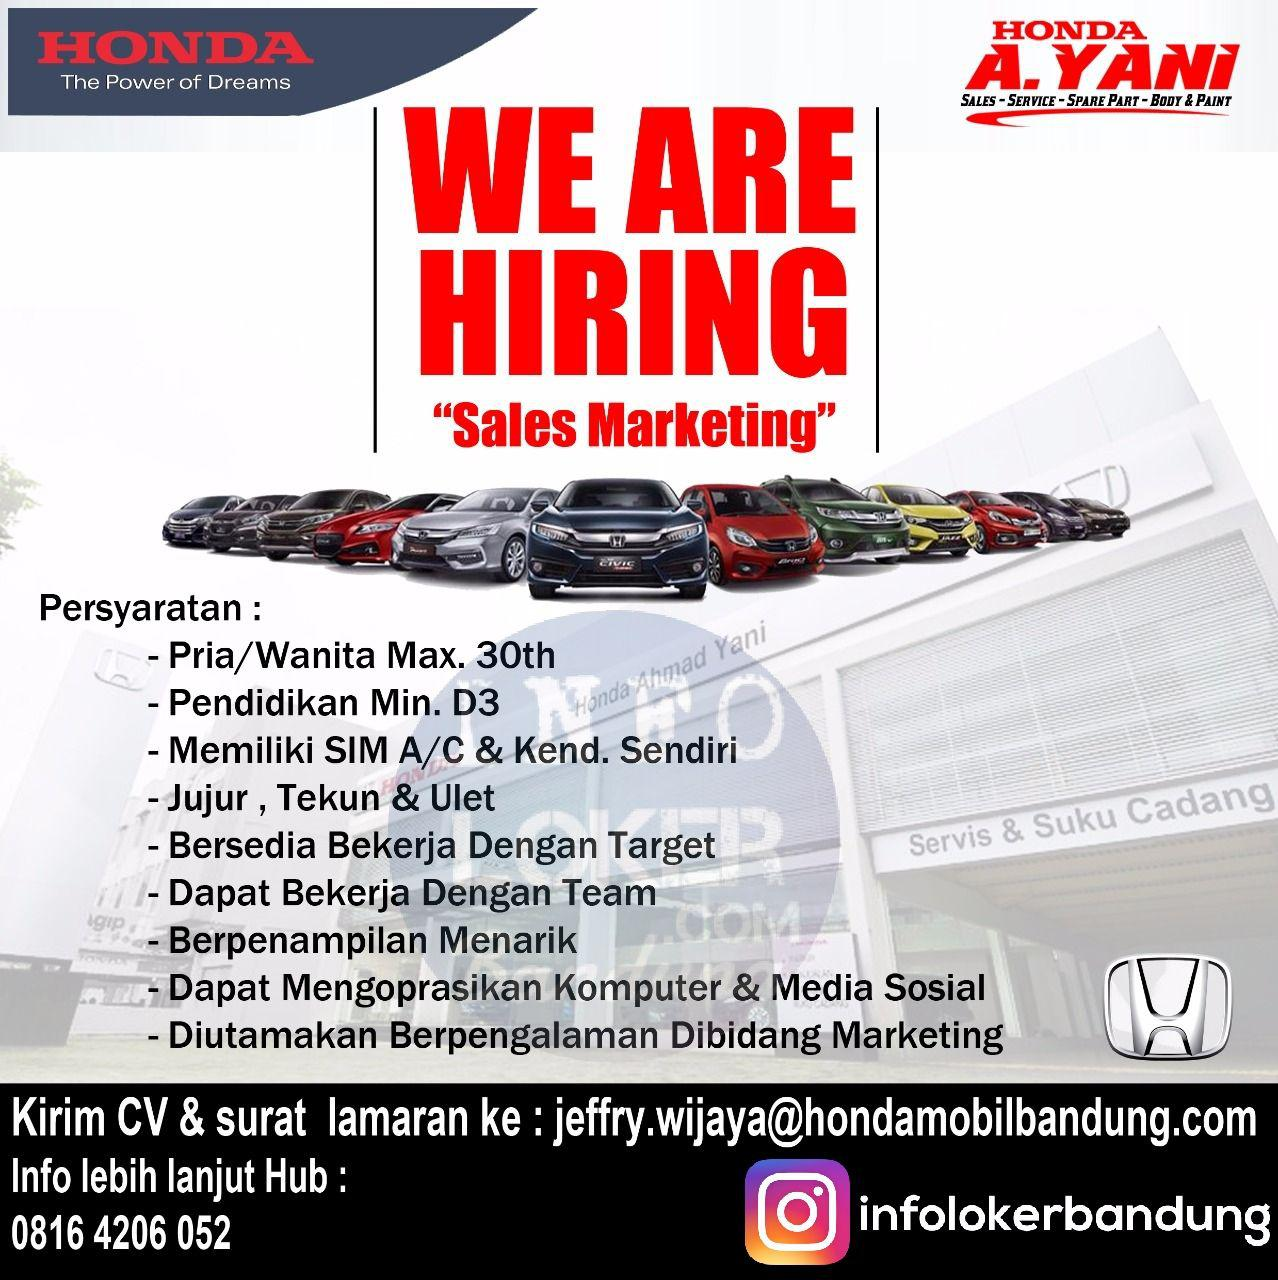 Lowongan Kerja Sales Marketing Honda Ahmad Yani Bandung Oktober 2017